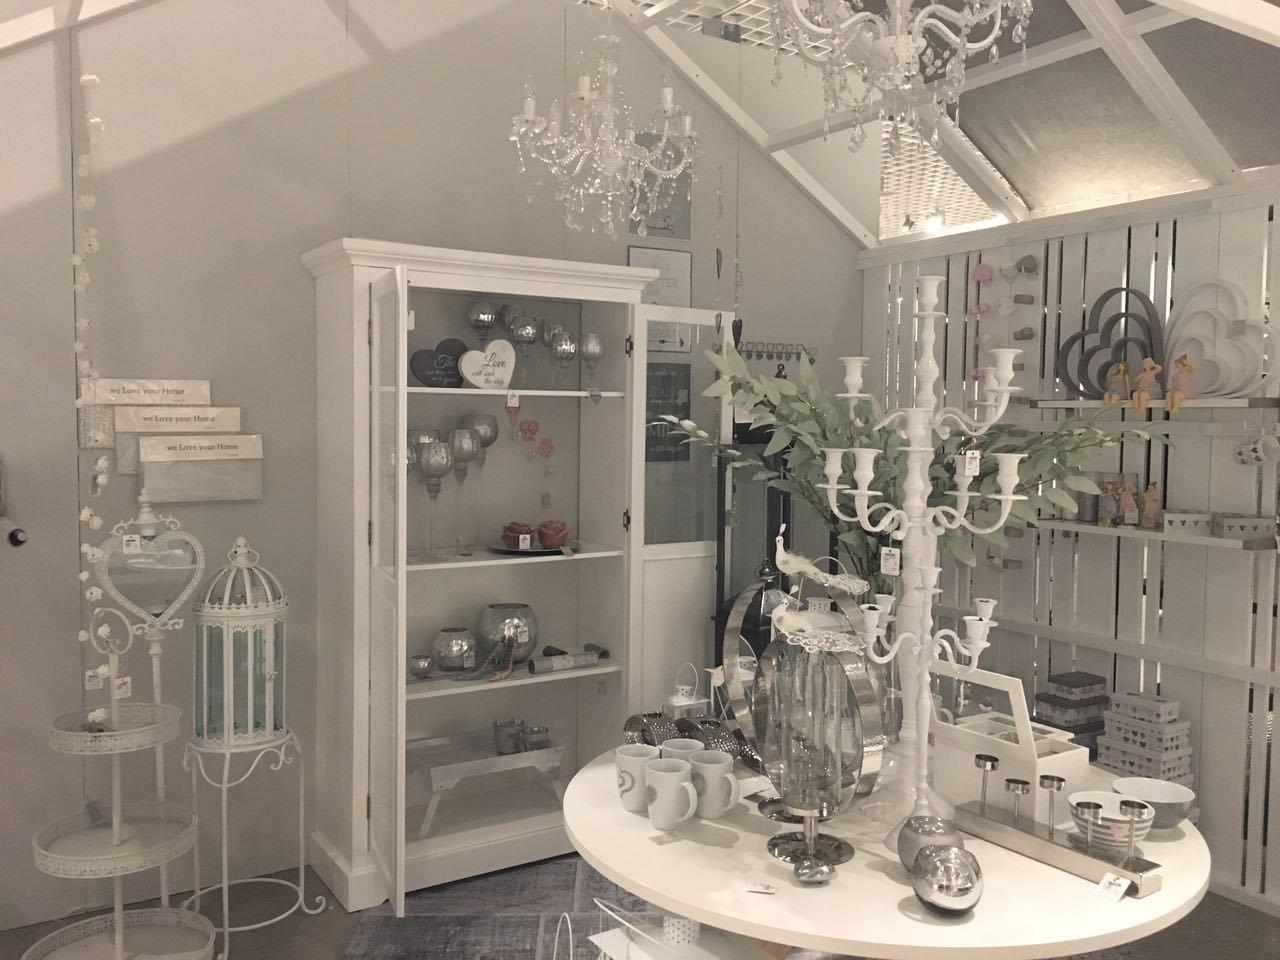 showroom deko visuelles design. Black Bedroom Furniture Sets. Home Design Ideas